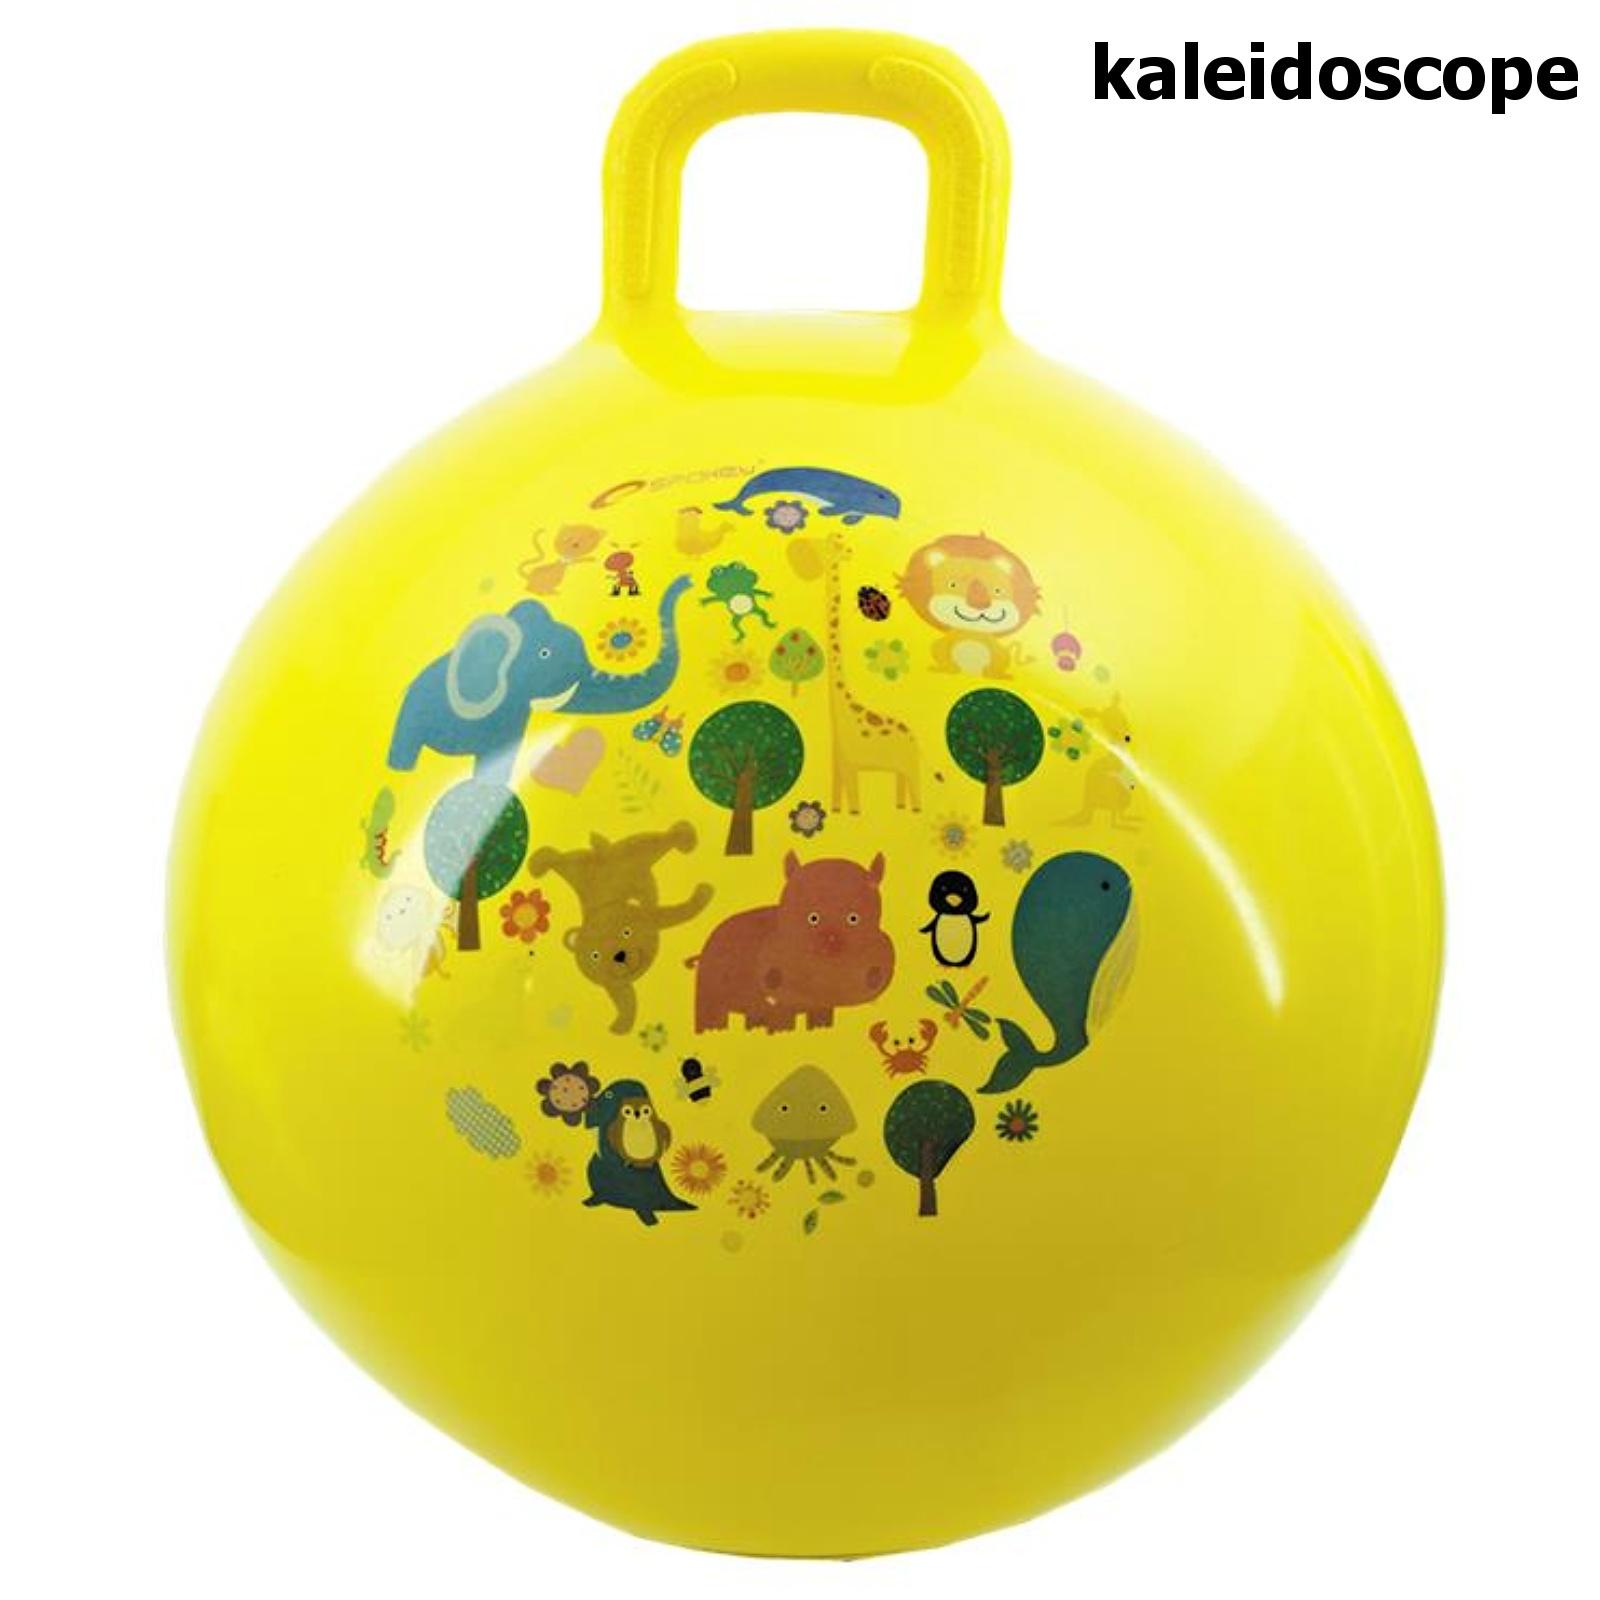 Skákací míč SPOKEY 45 cm Kaleidoscope